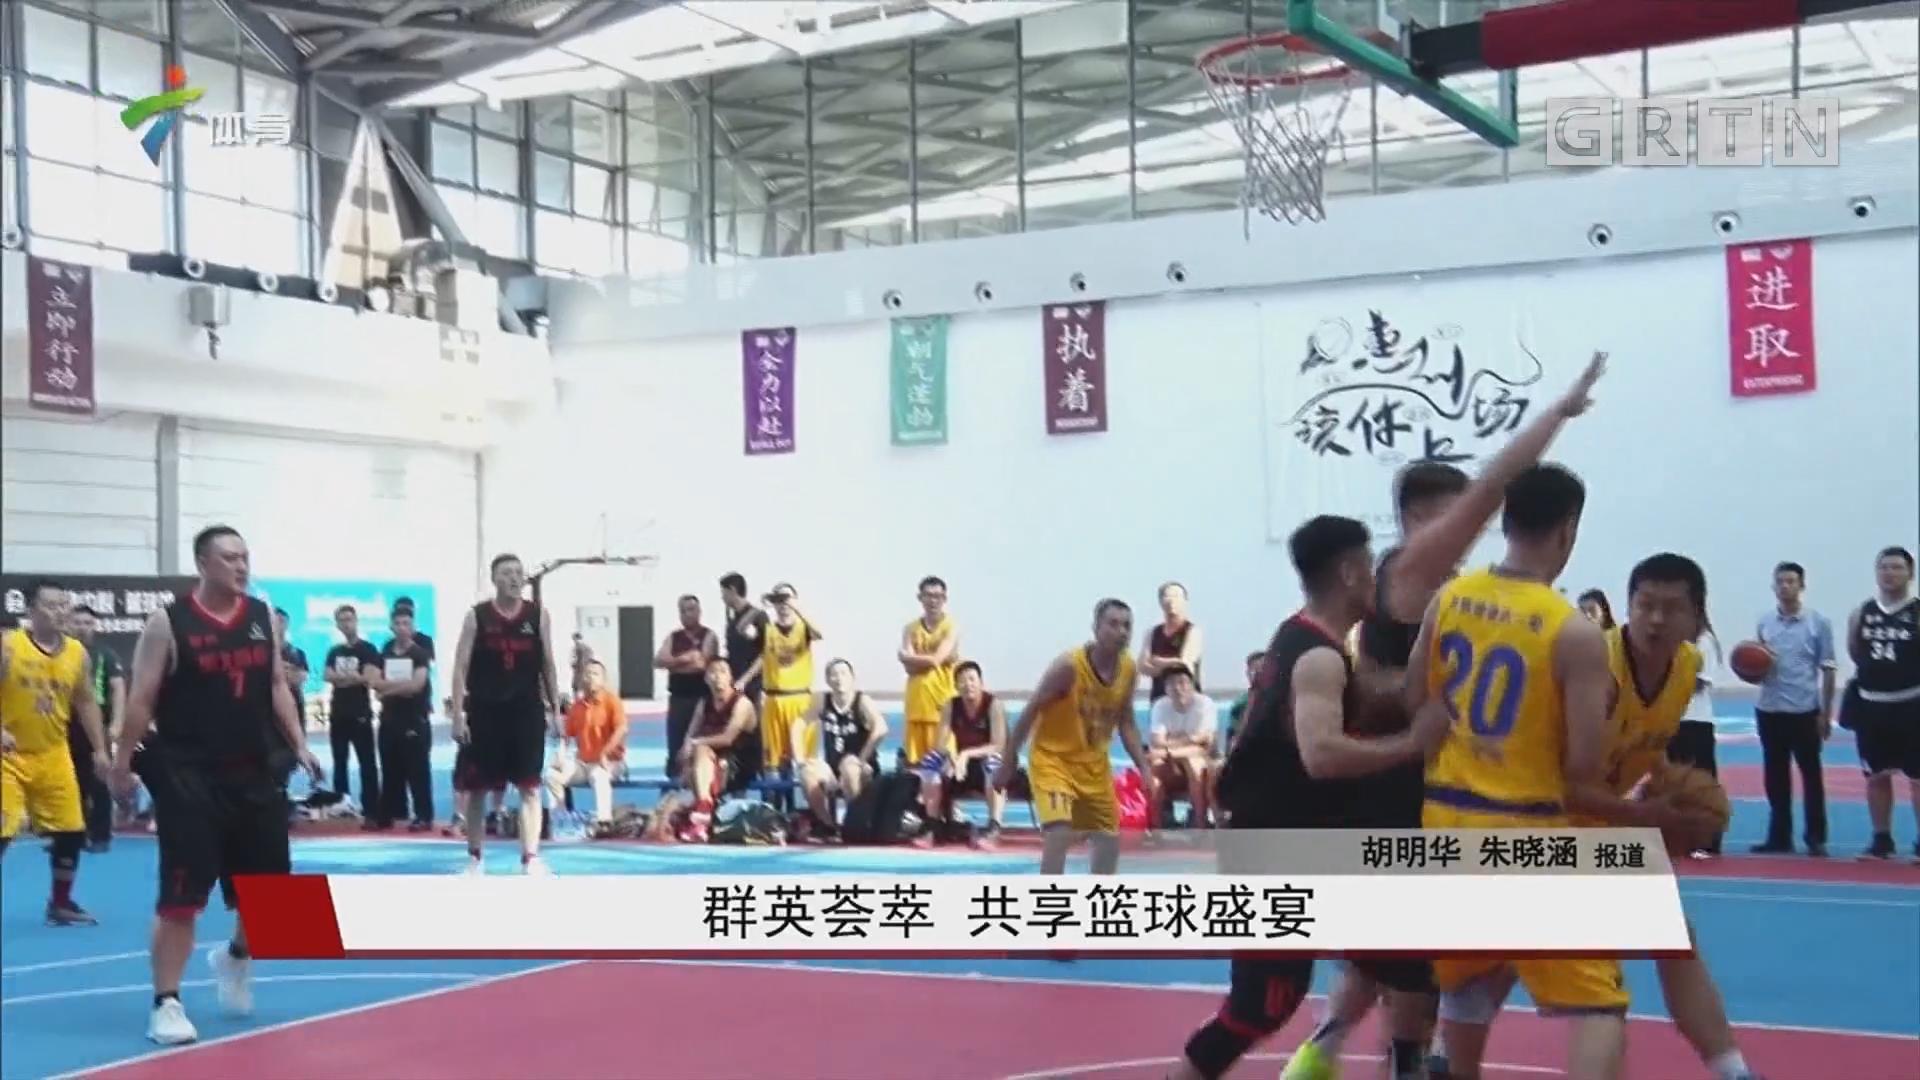 群英荟萃 共享篮球盛宴